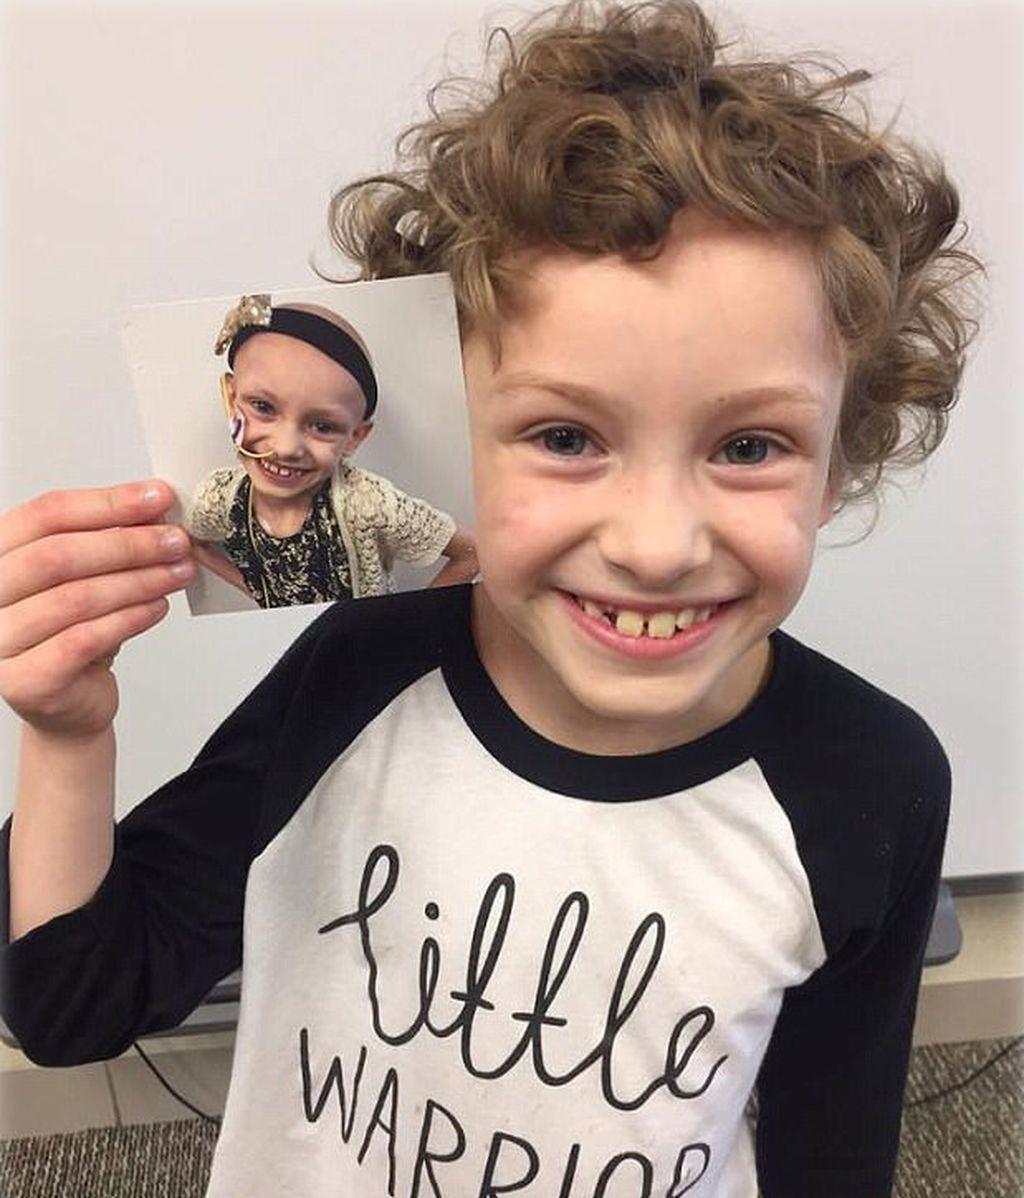 La emotiva celebración de una niña que venció al cáncer